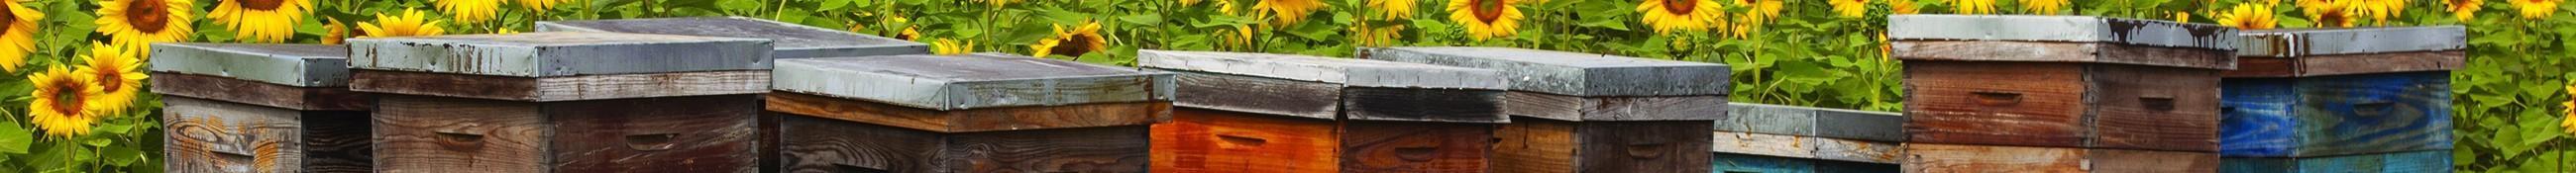 Montage des ruches